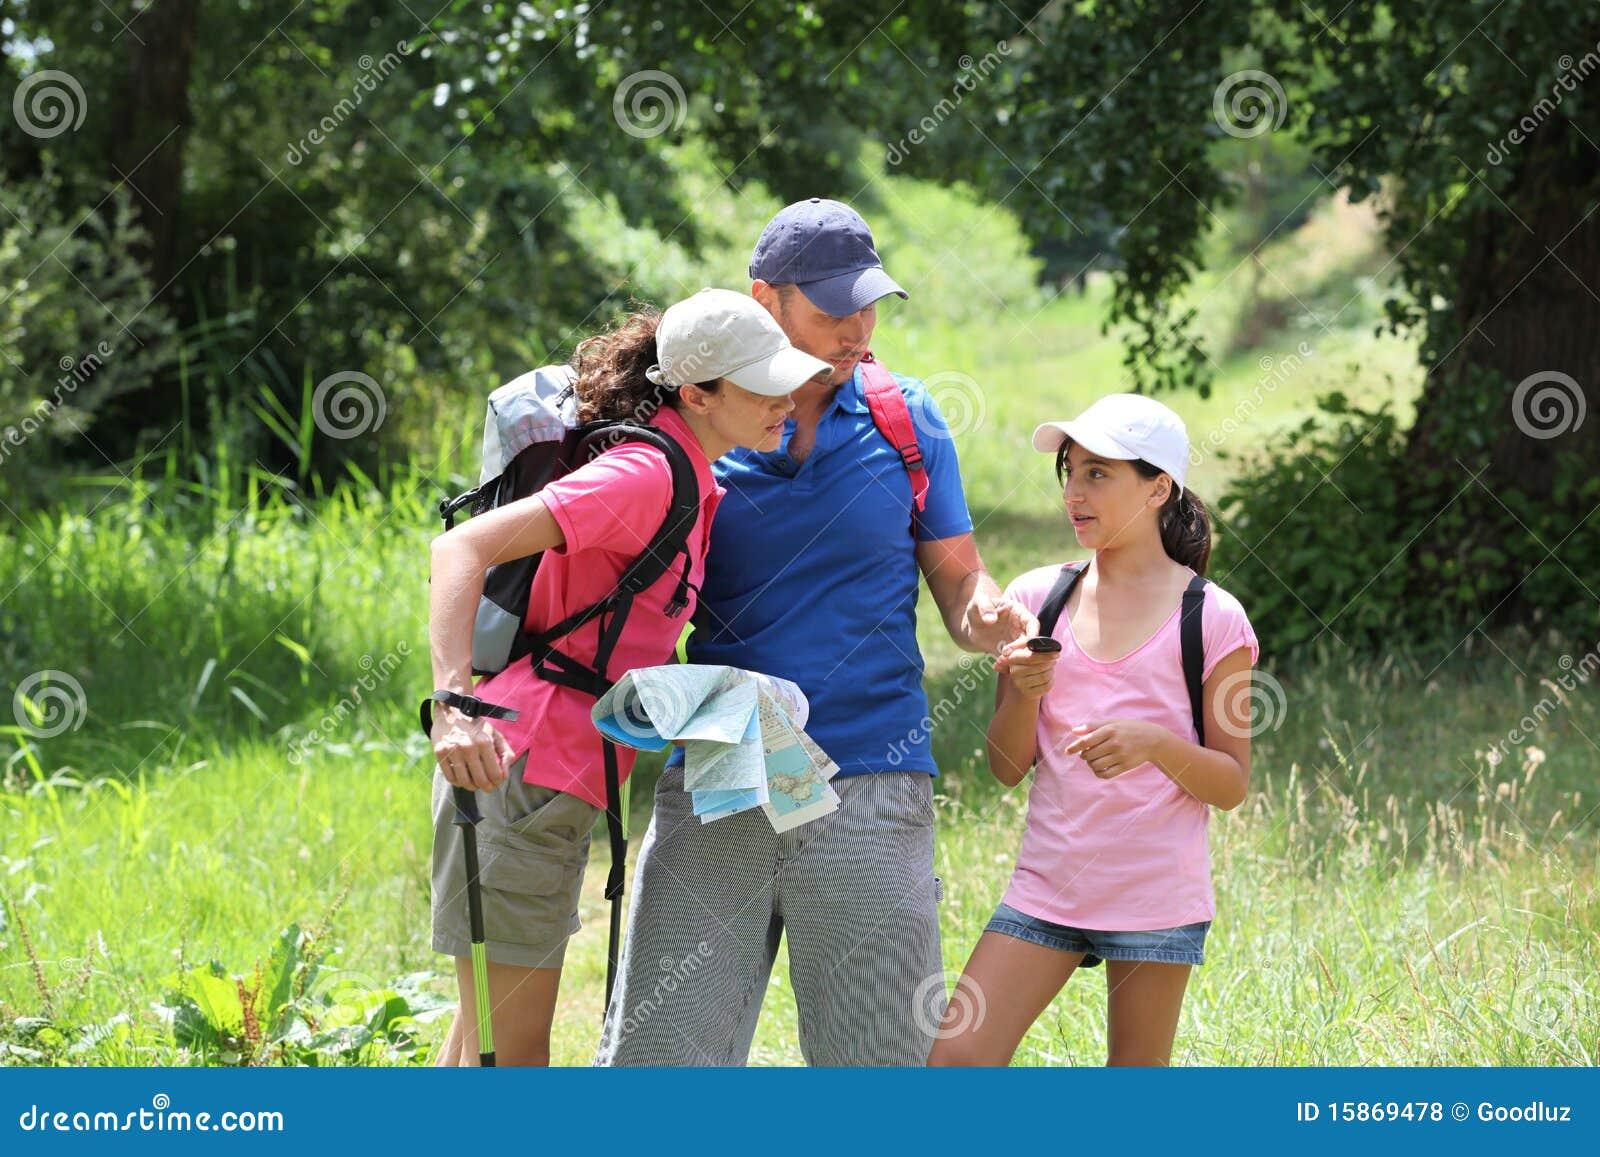 Famille rambling dans la campagne